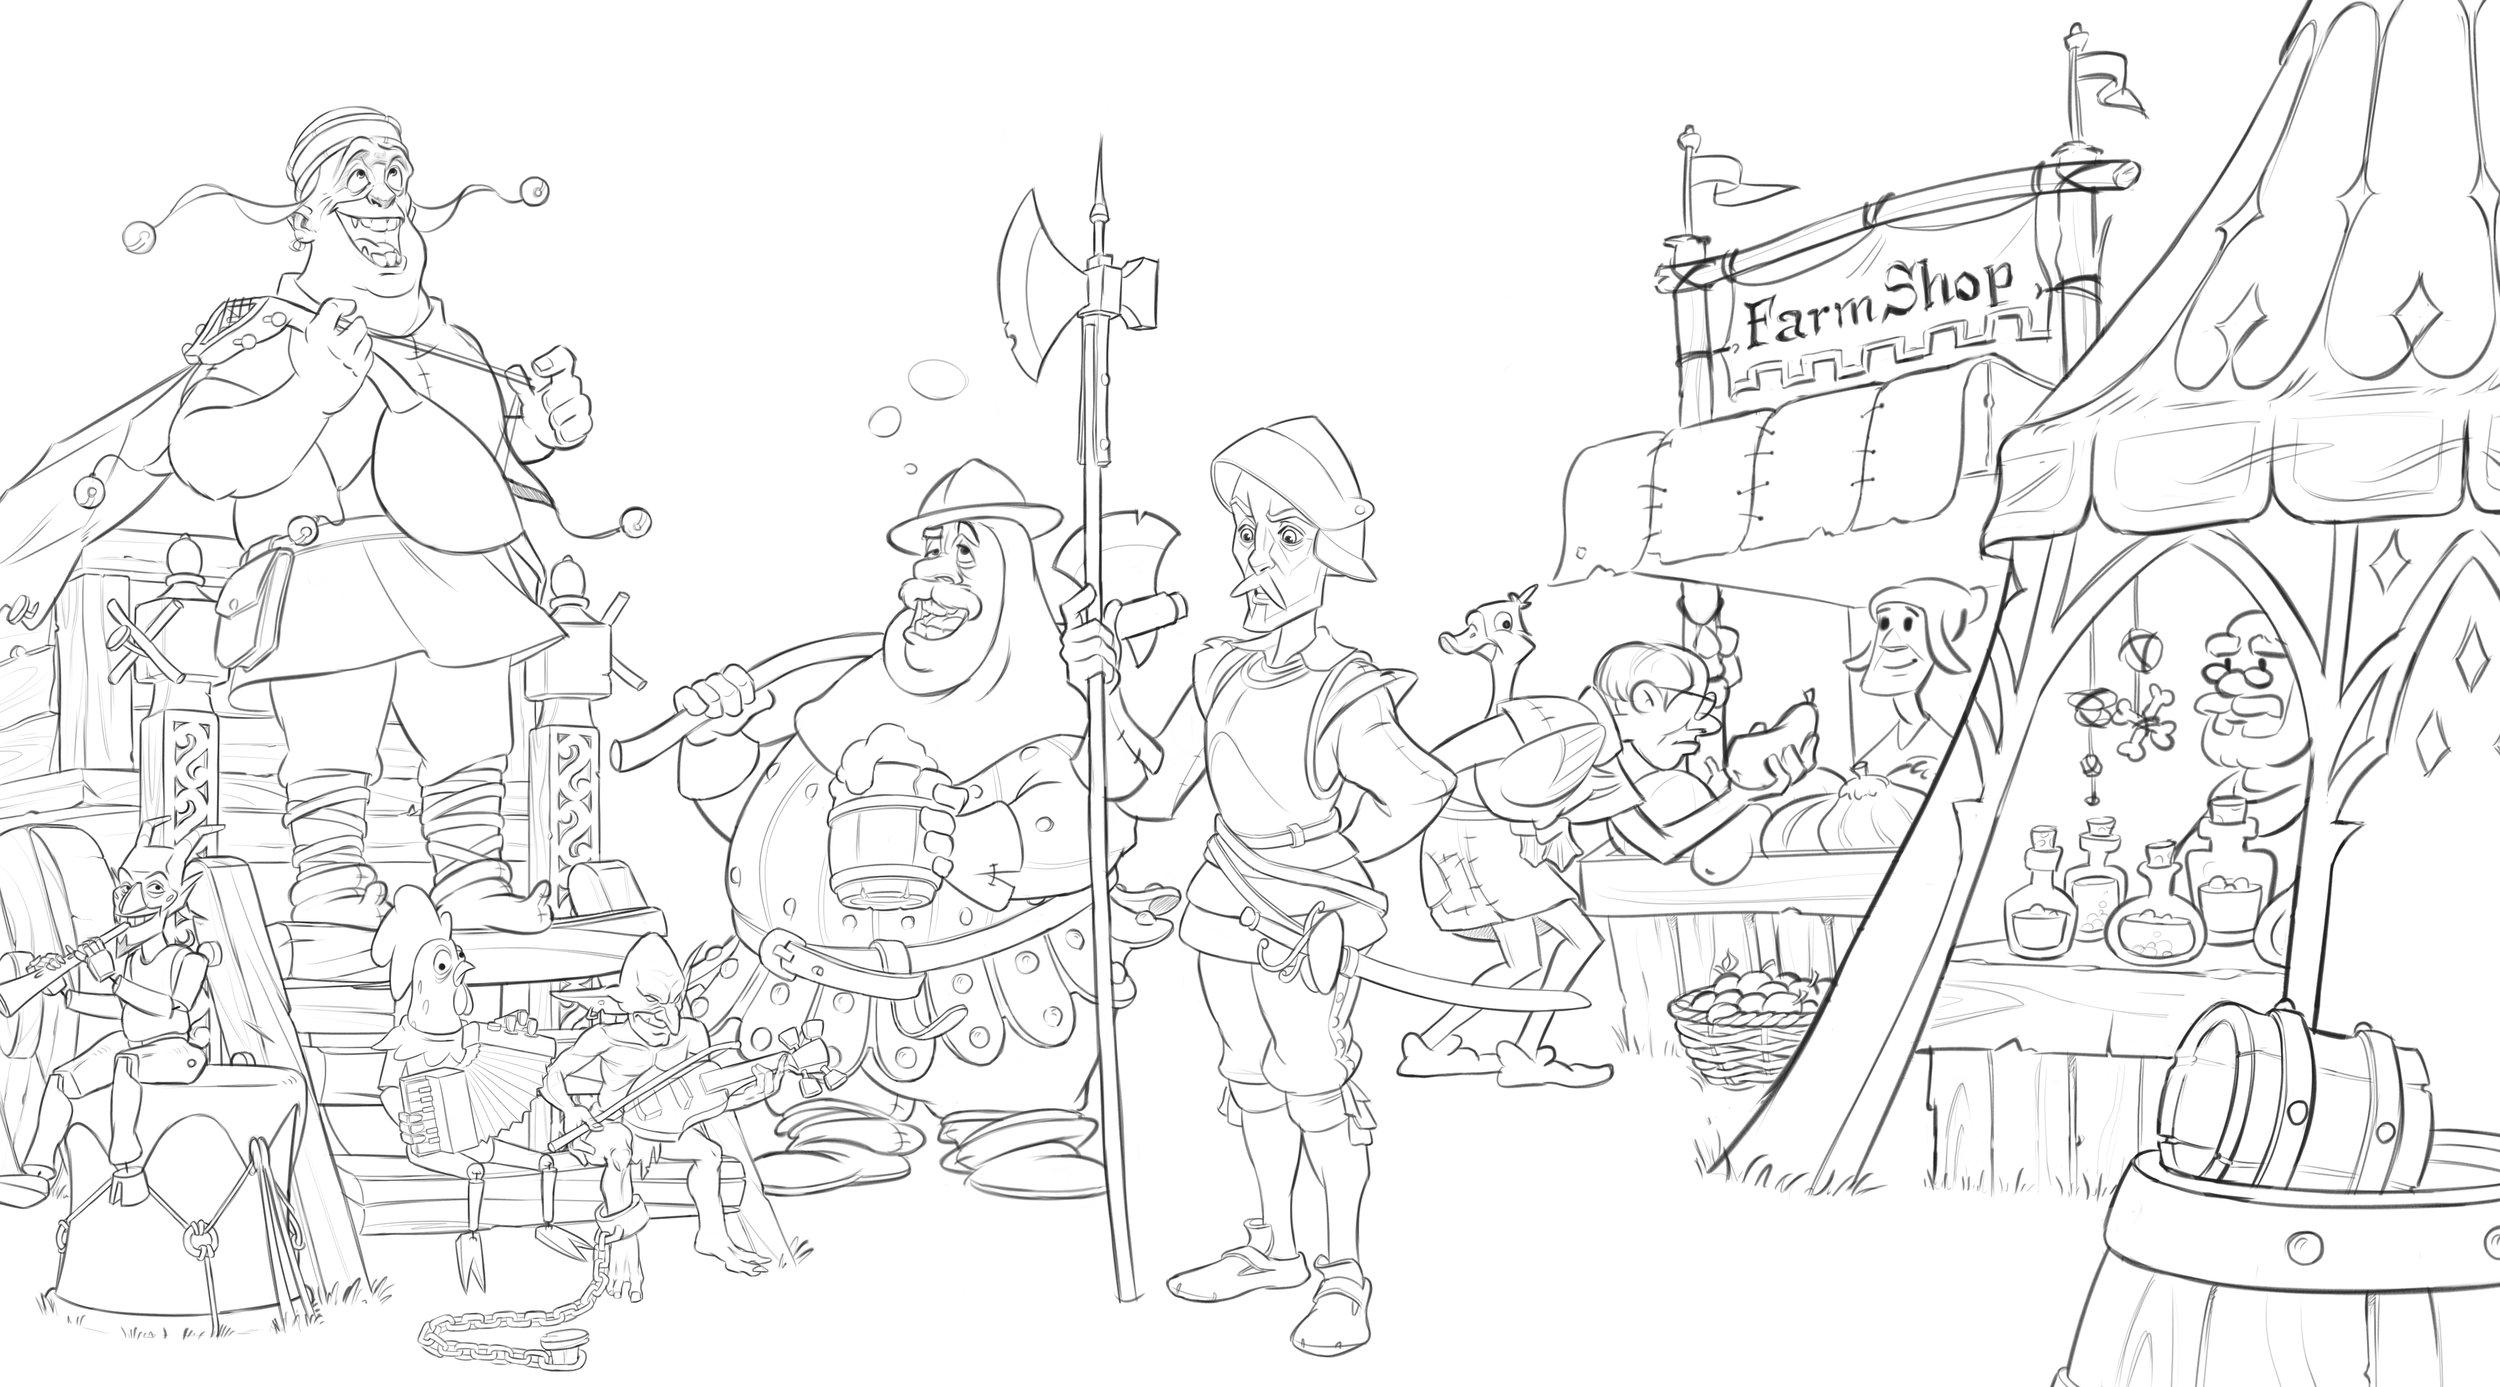 05-Sketch.jpg